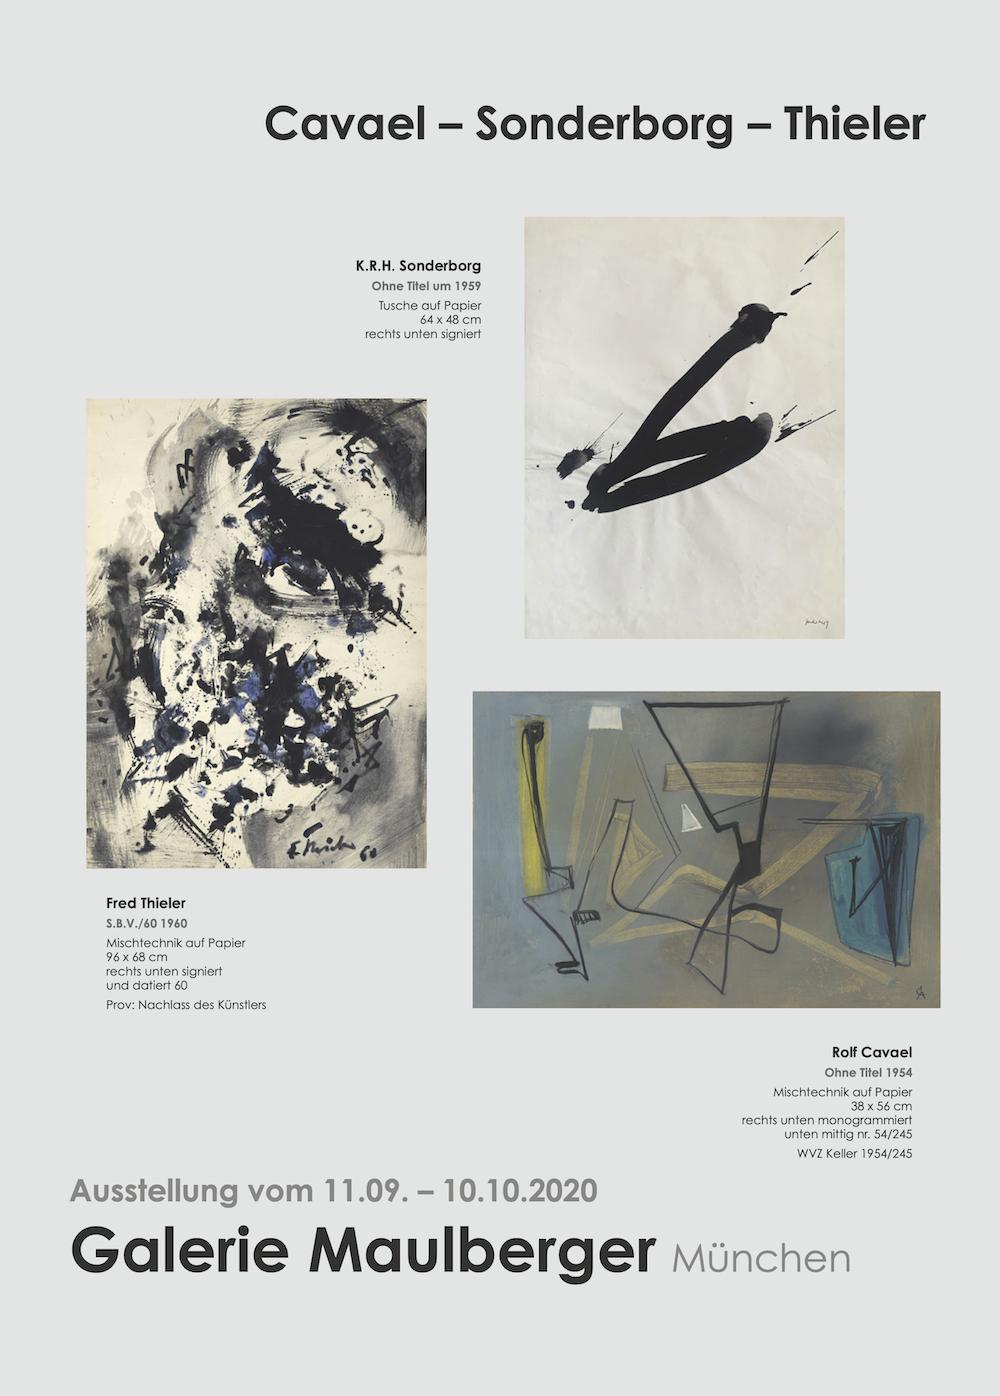 Einladungskarte Ausstellung Cavael Sonderborg Thieler 2020 Galerie Maulberger 01